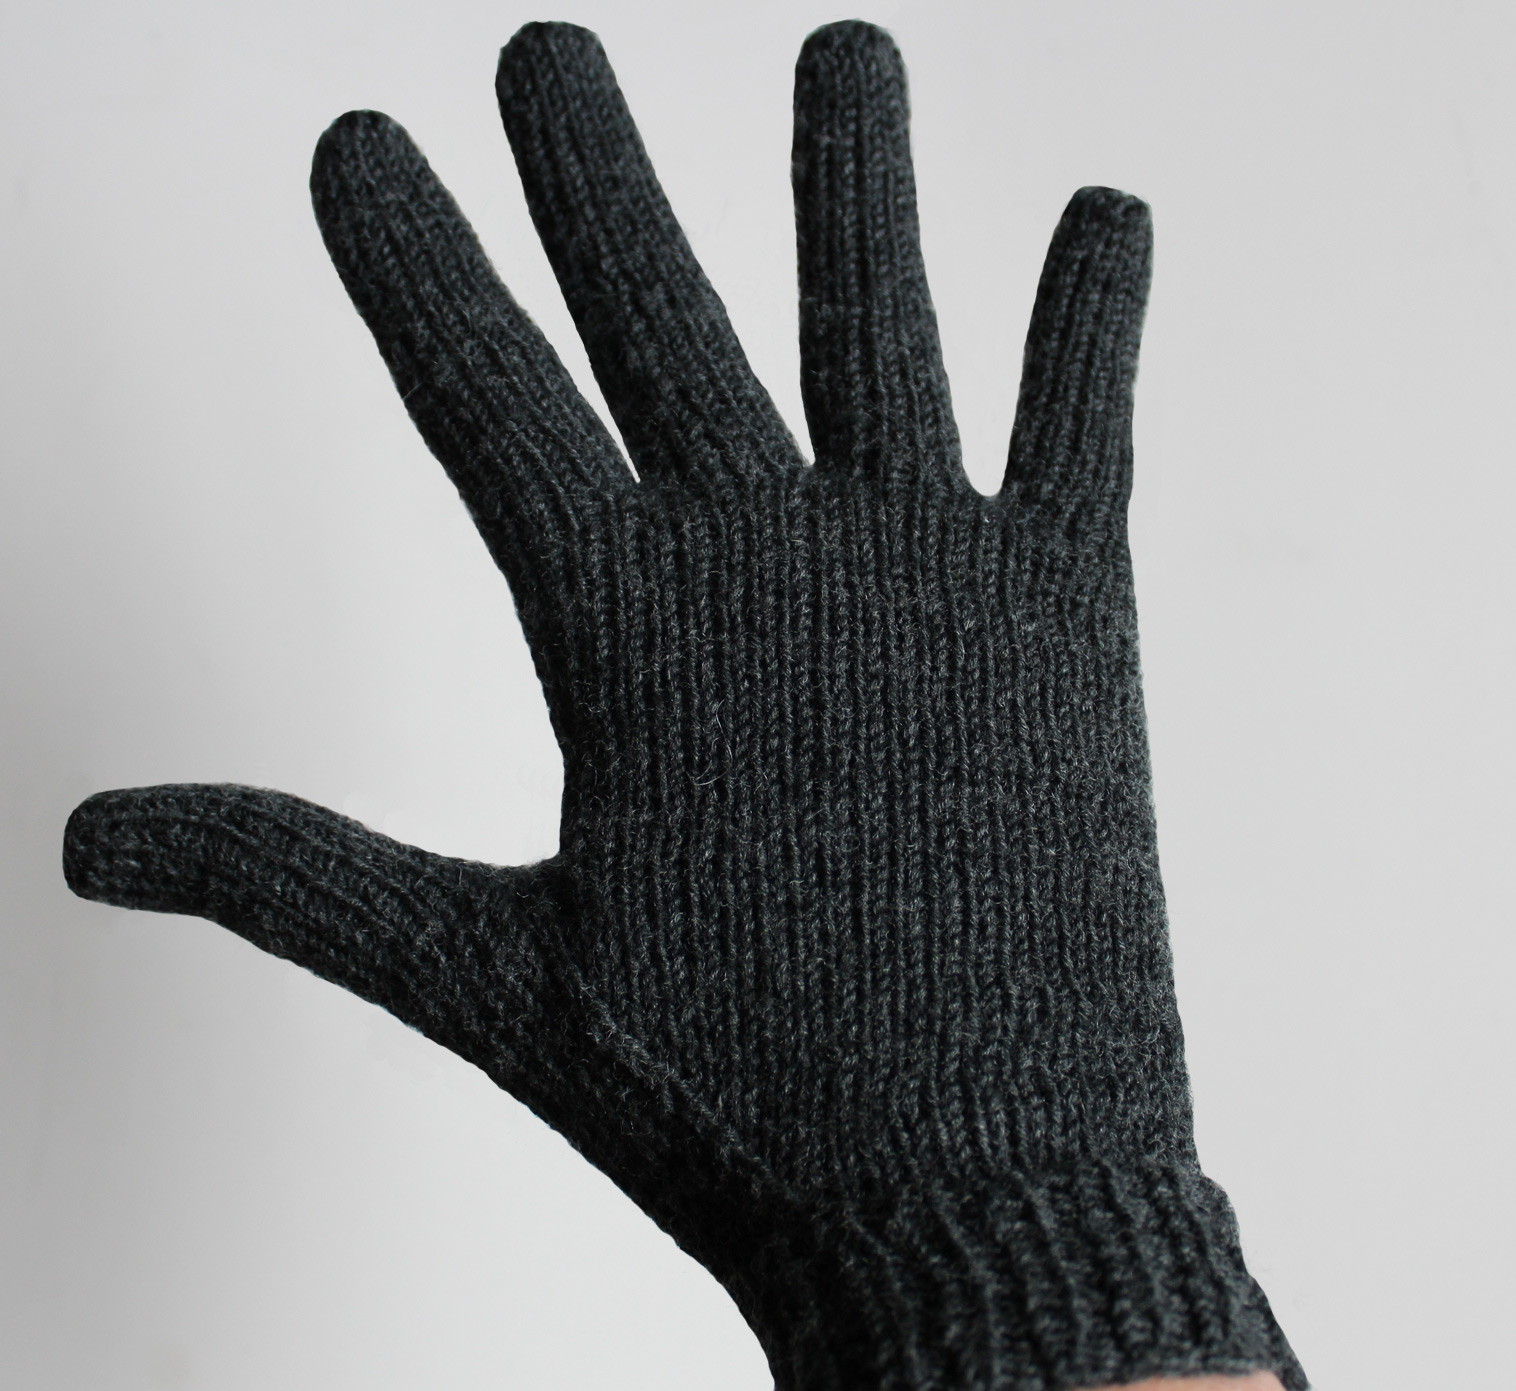 Strickanleitung-Fingerhandschuhe-stricken-kostenlos.jpg